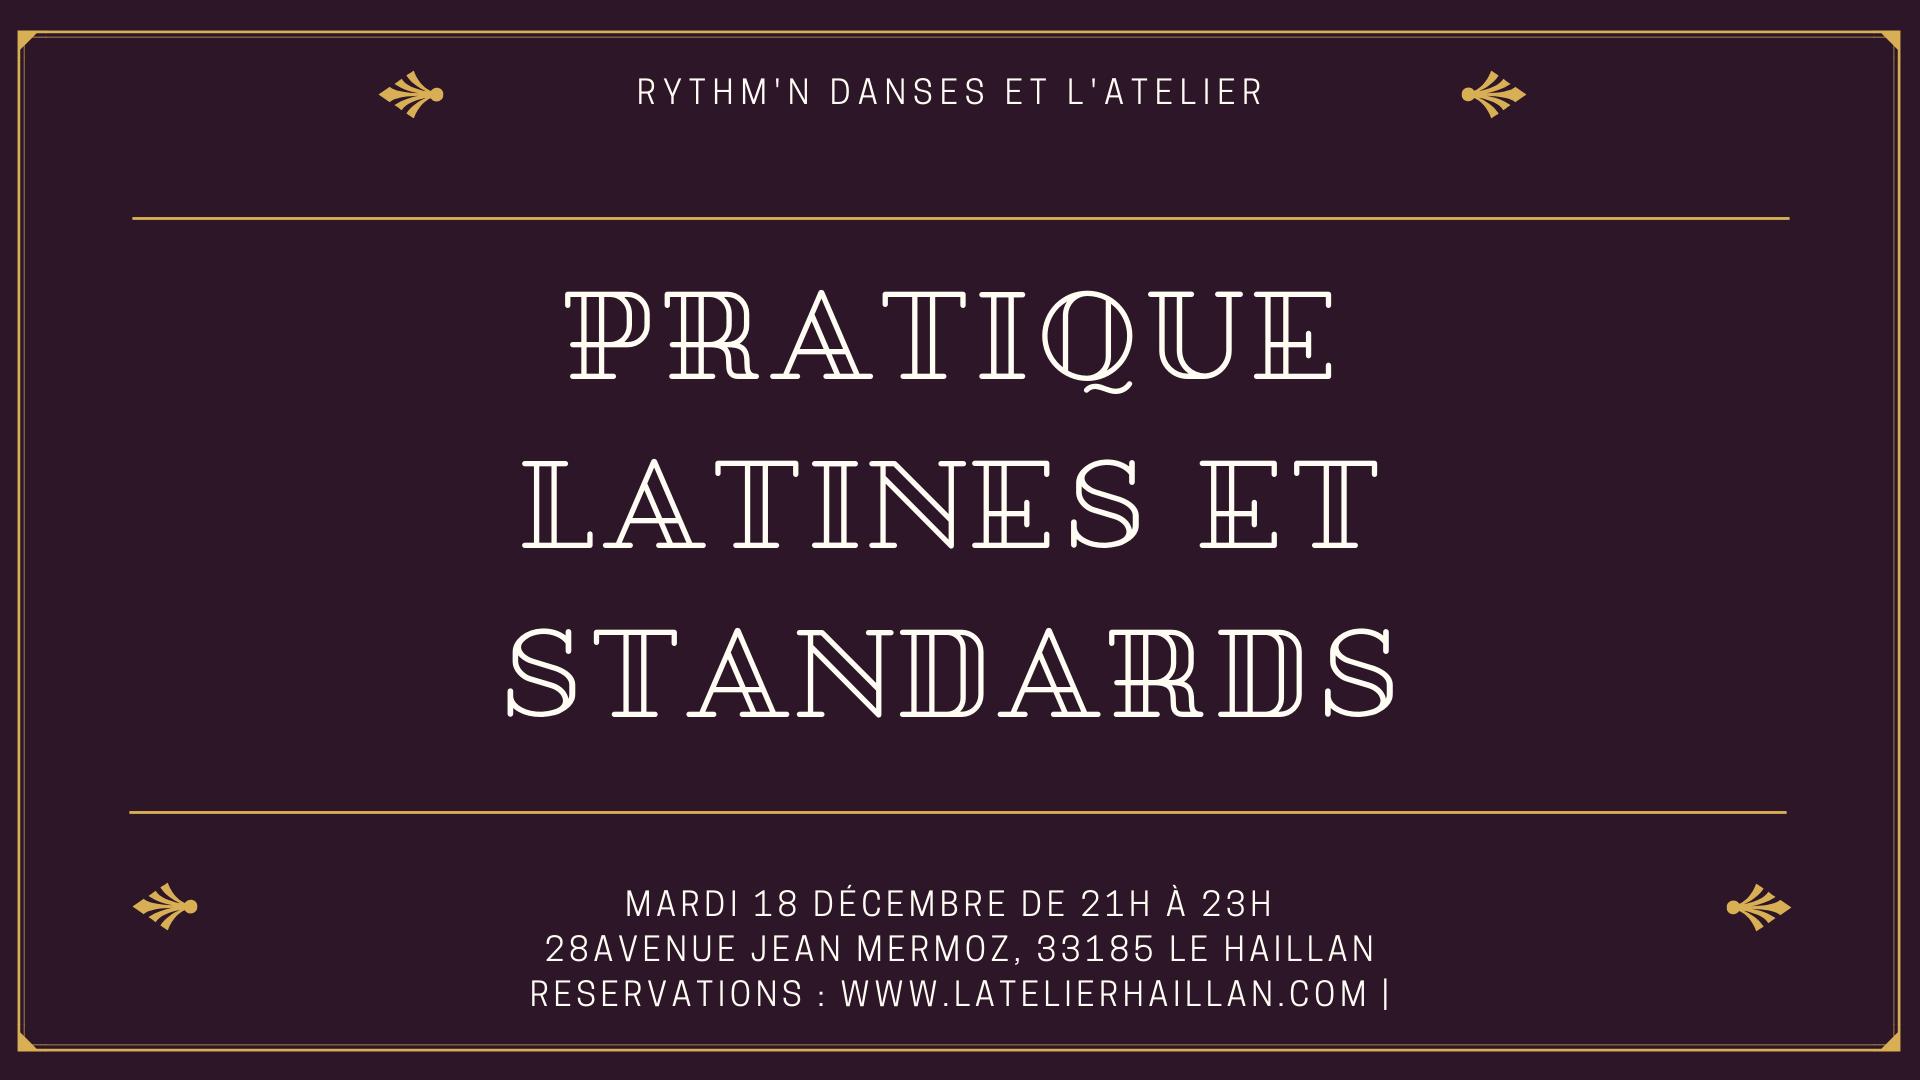 Pratique Latines et Standards avec Anna et igor